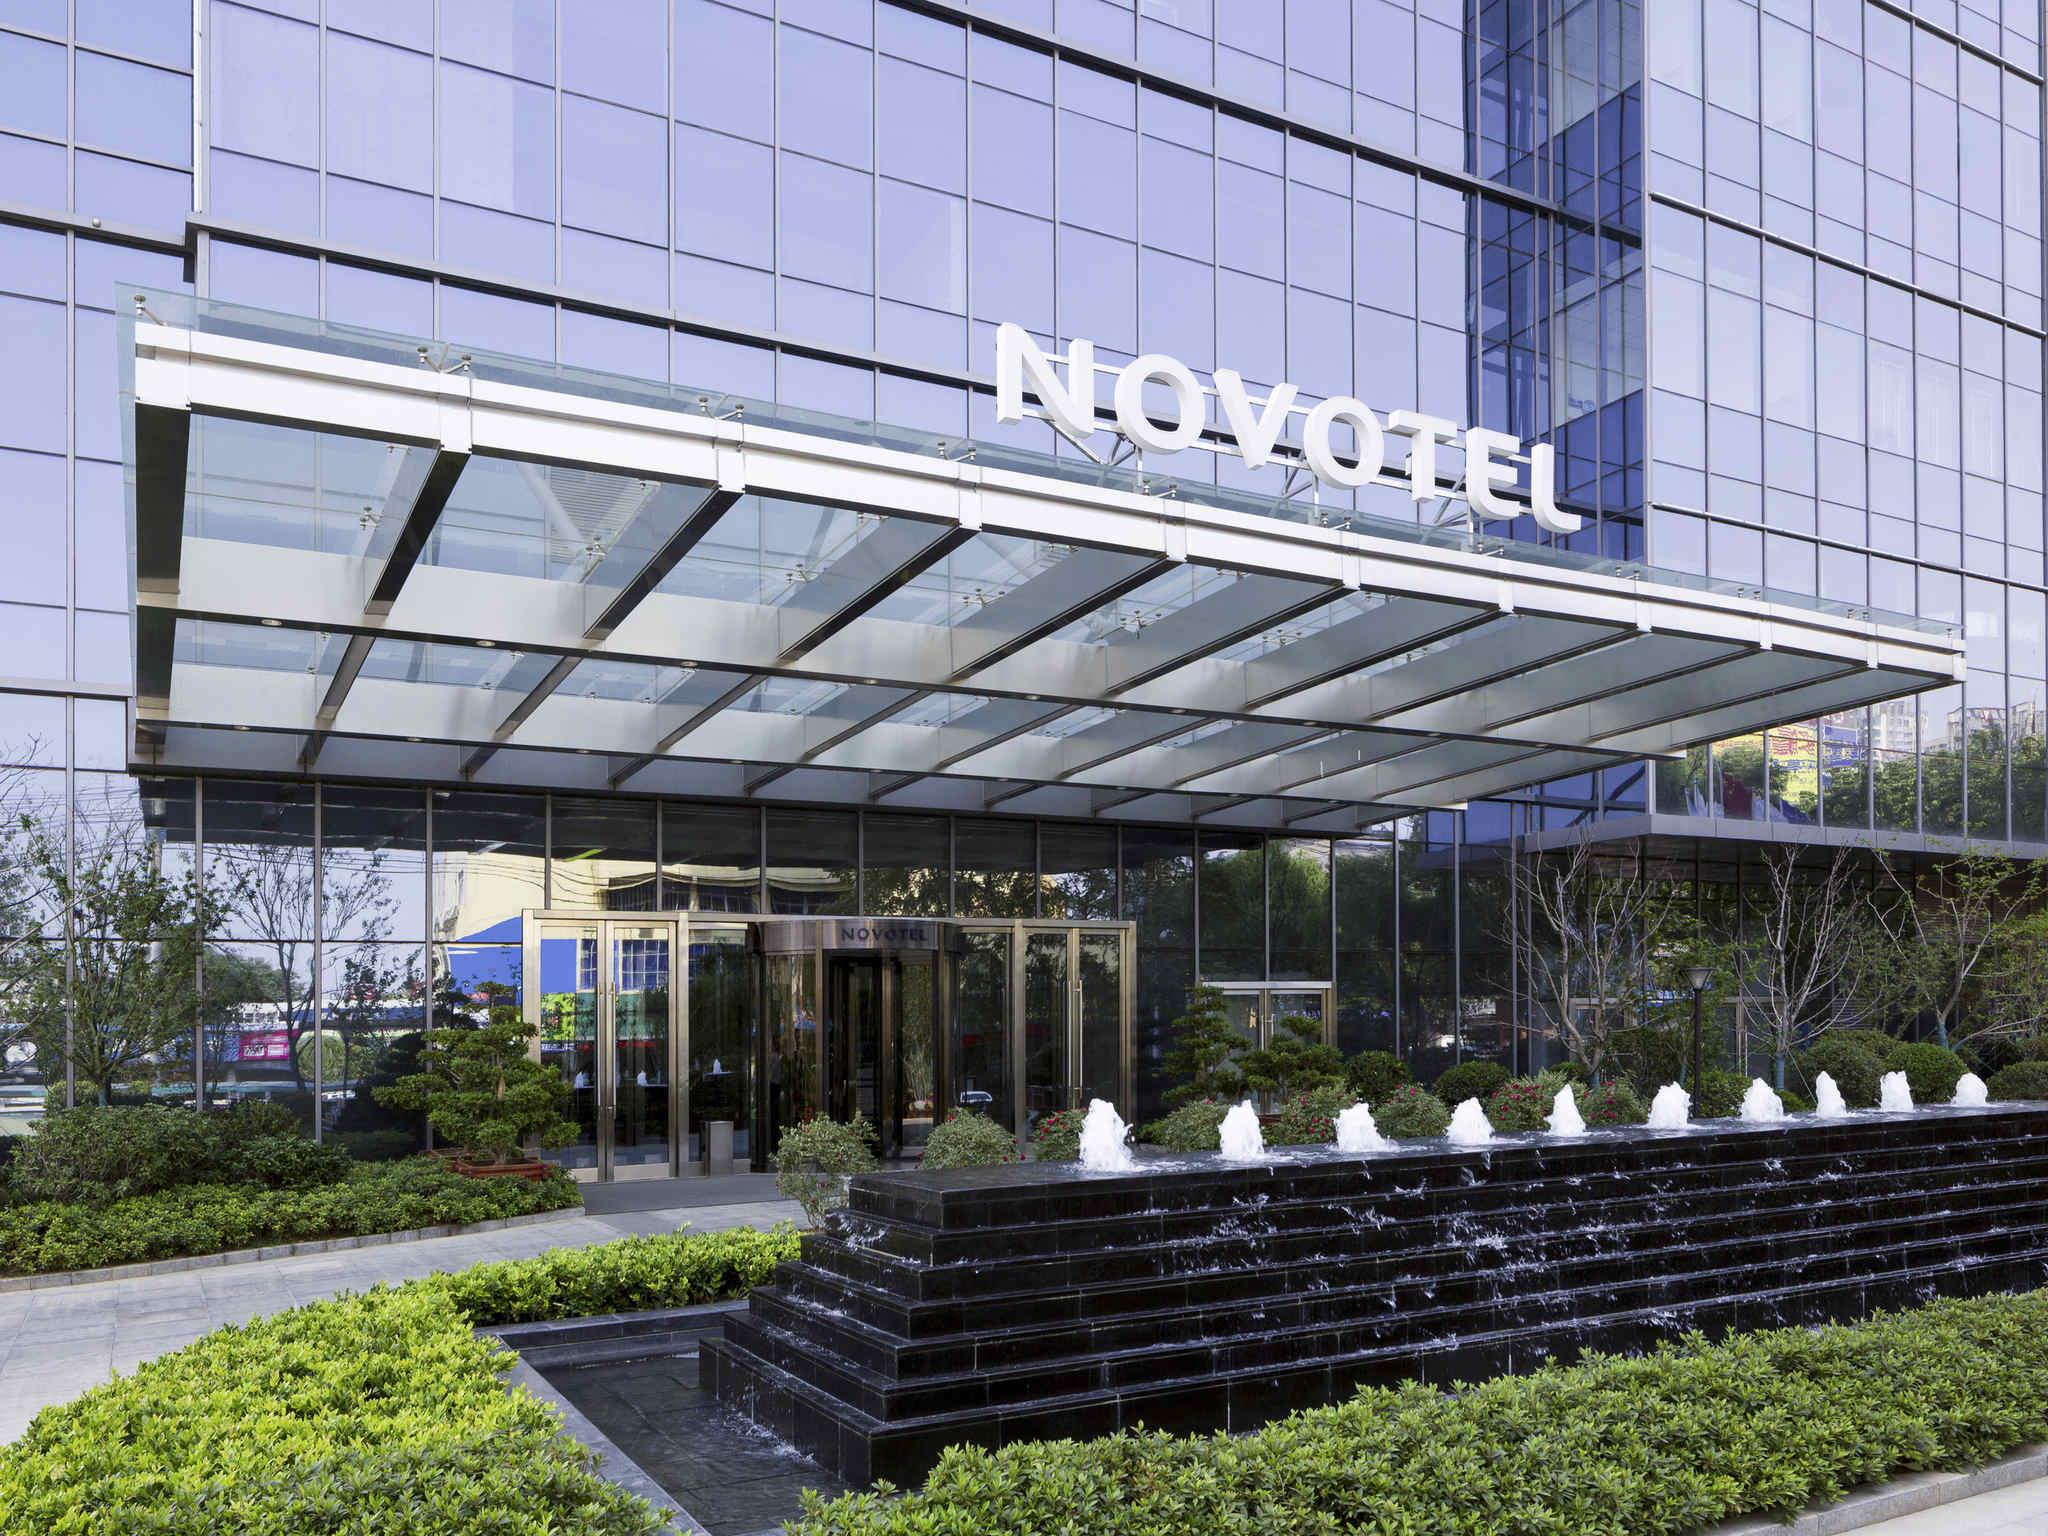 Otel – Novotel Rizhao Suning